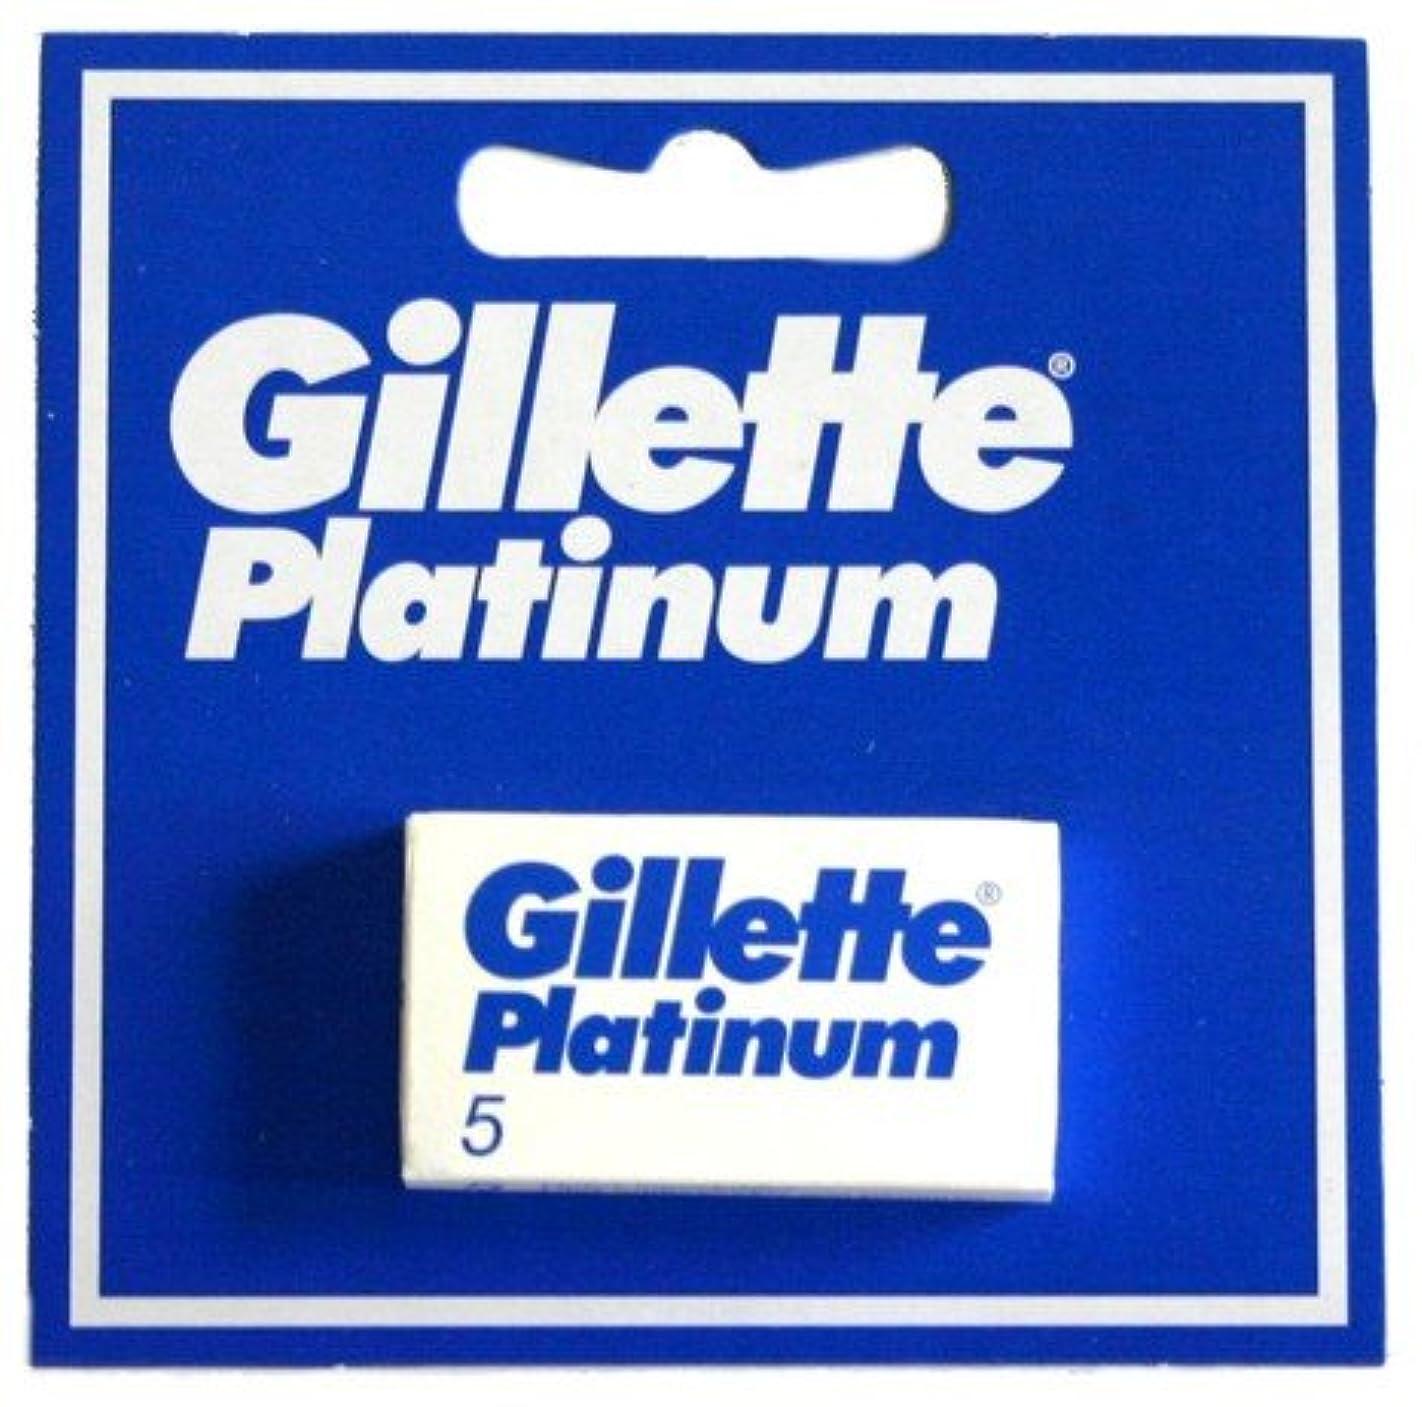 謙虚前者処方Gillette Platinum [プレミアムホワイトボックス版!] ジレット プラチナ 両刃替刃 50個入り (5*10) [海外直送品] [並行輸入品]